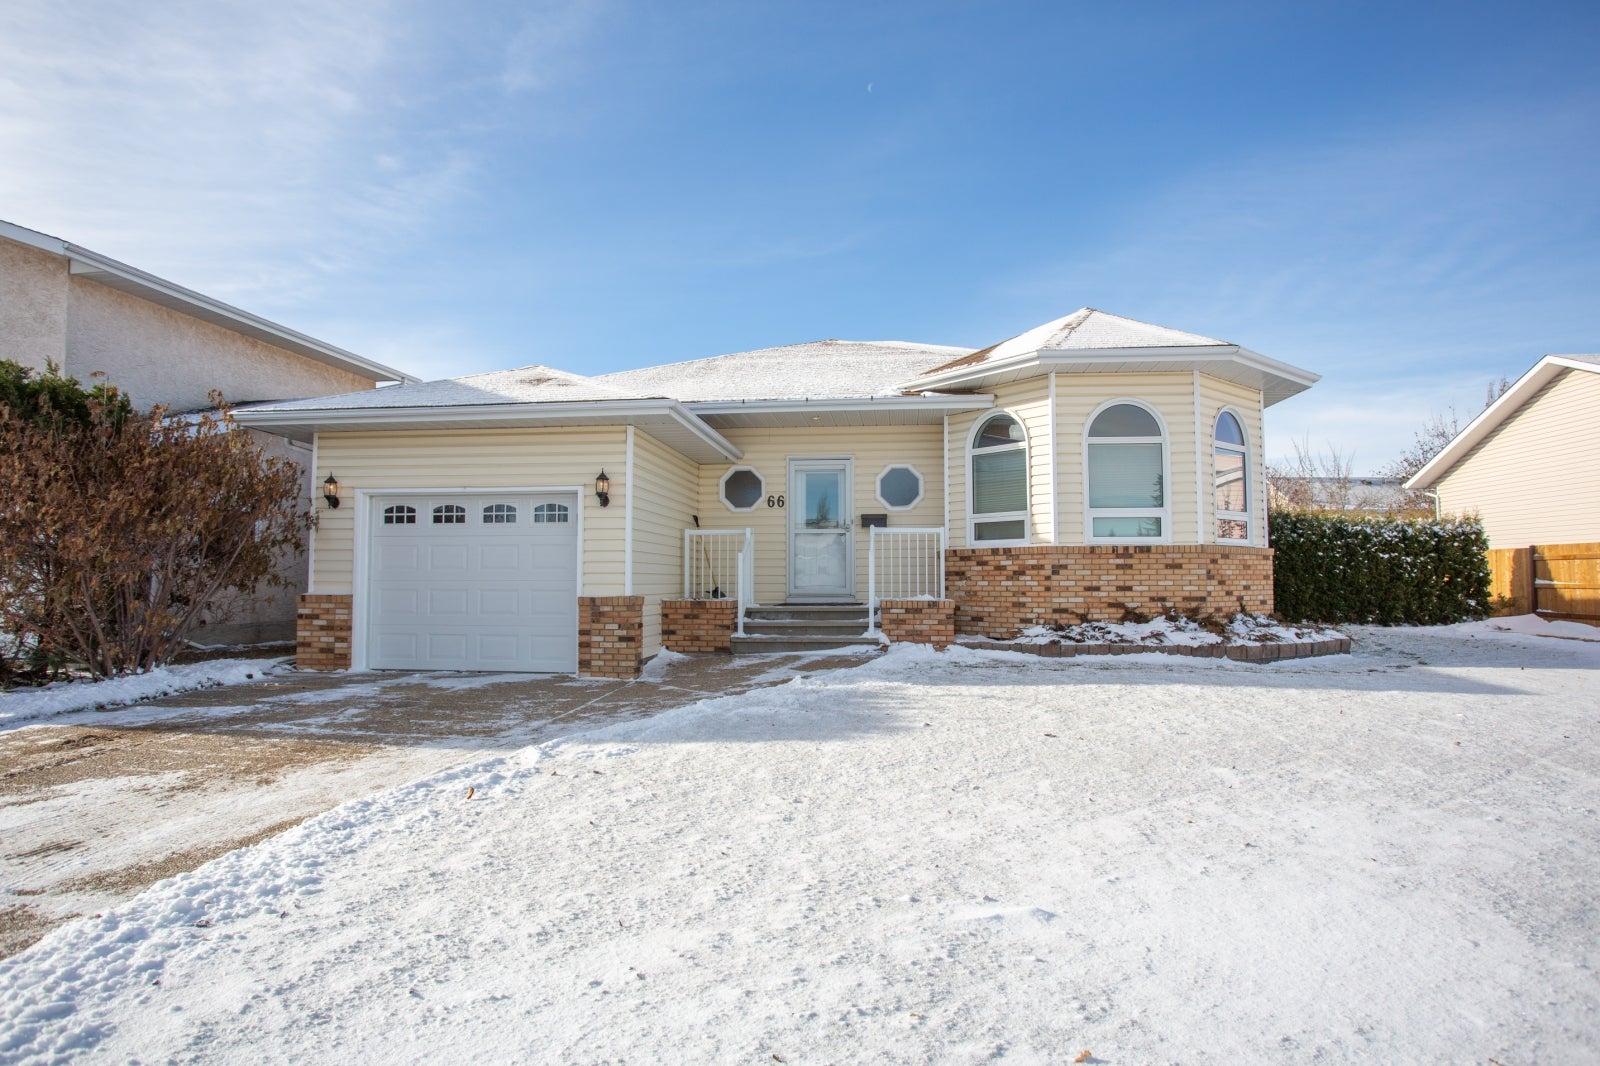 66 Douglas Ave, Red Deer, AB - Deer Park Village Detached for sale(A1048133) #1